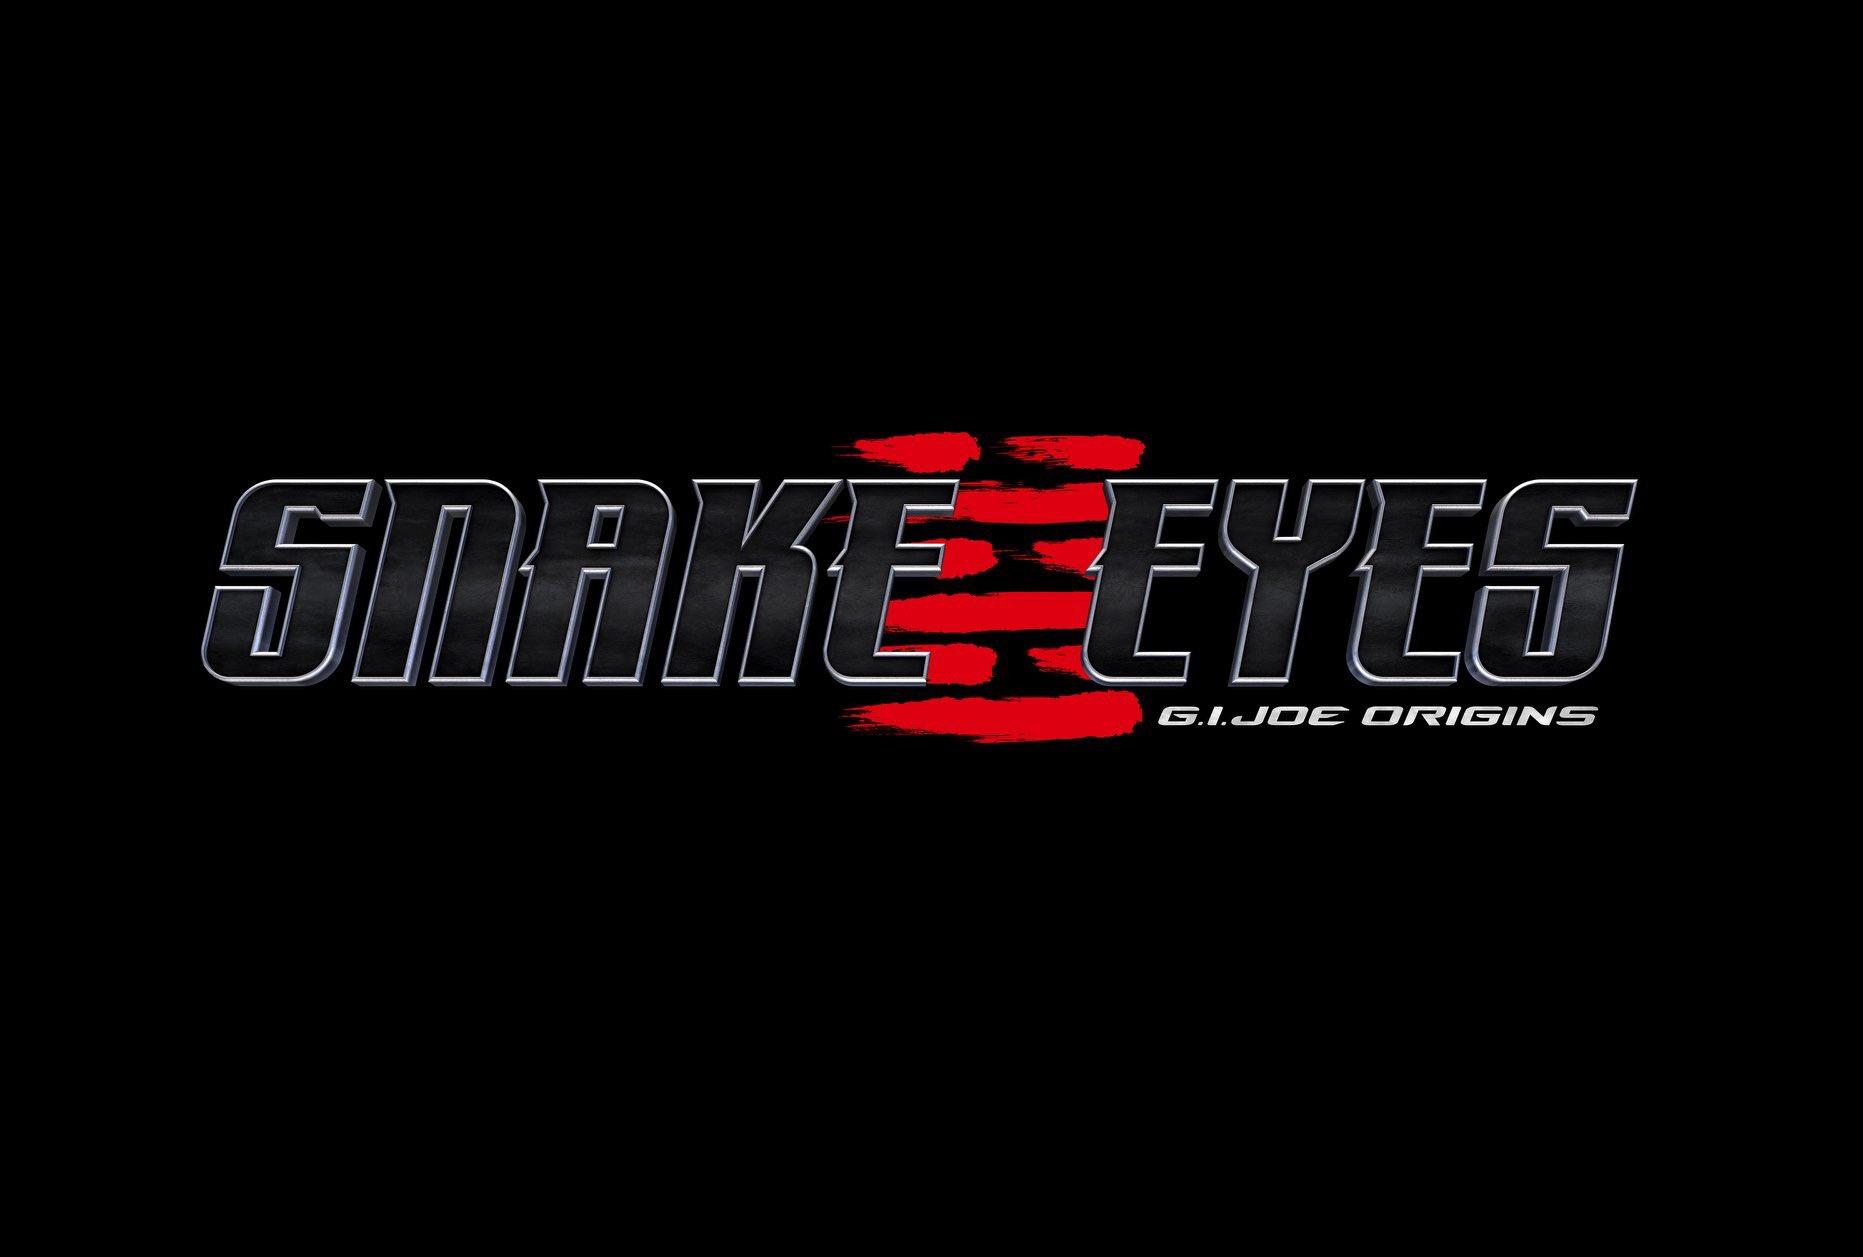 Snake Eyes: G.I. Joe Origins starts filming Japan logo